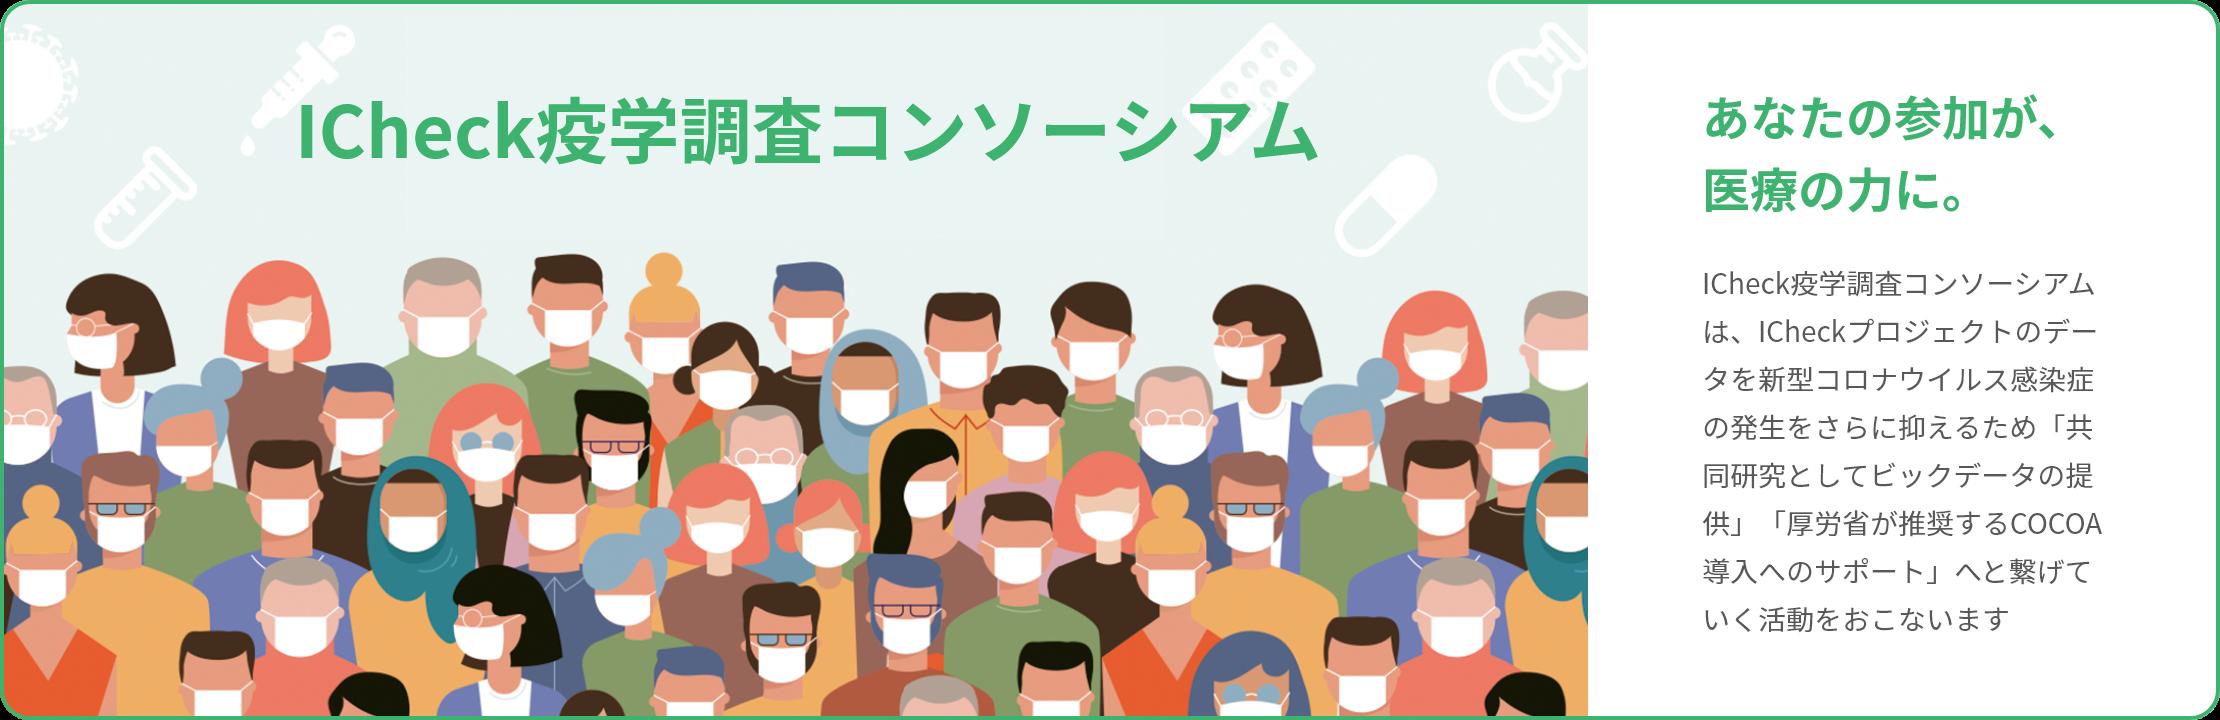 ICheck疫学調査コンソーシアムバナー